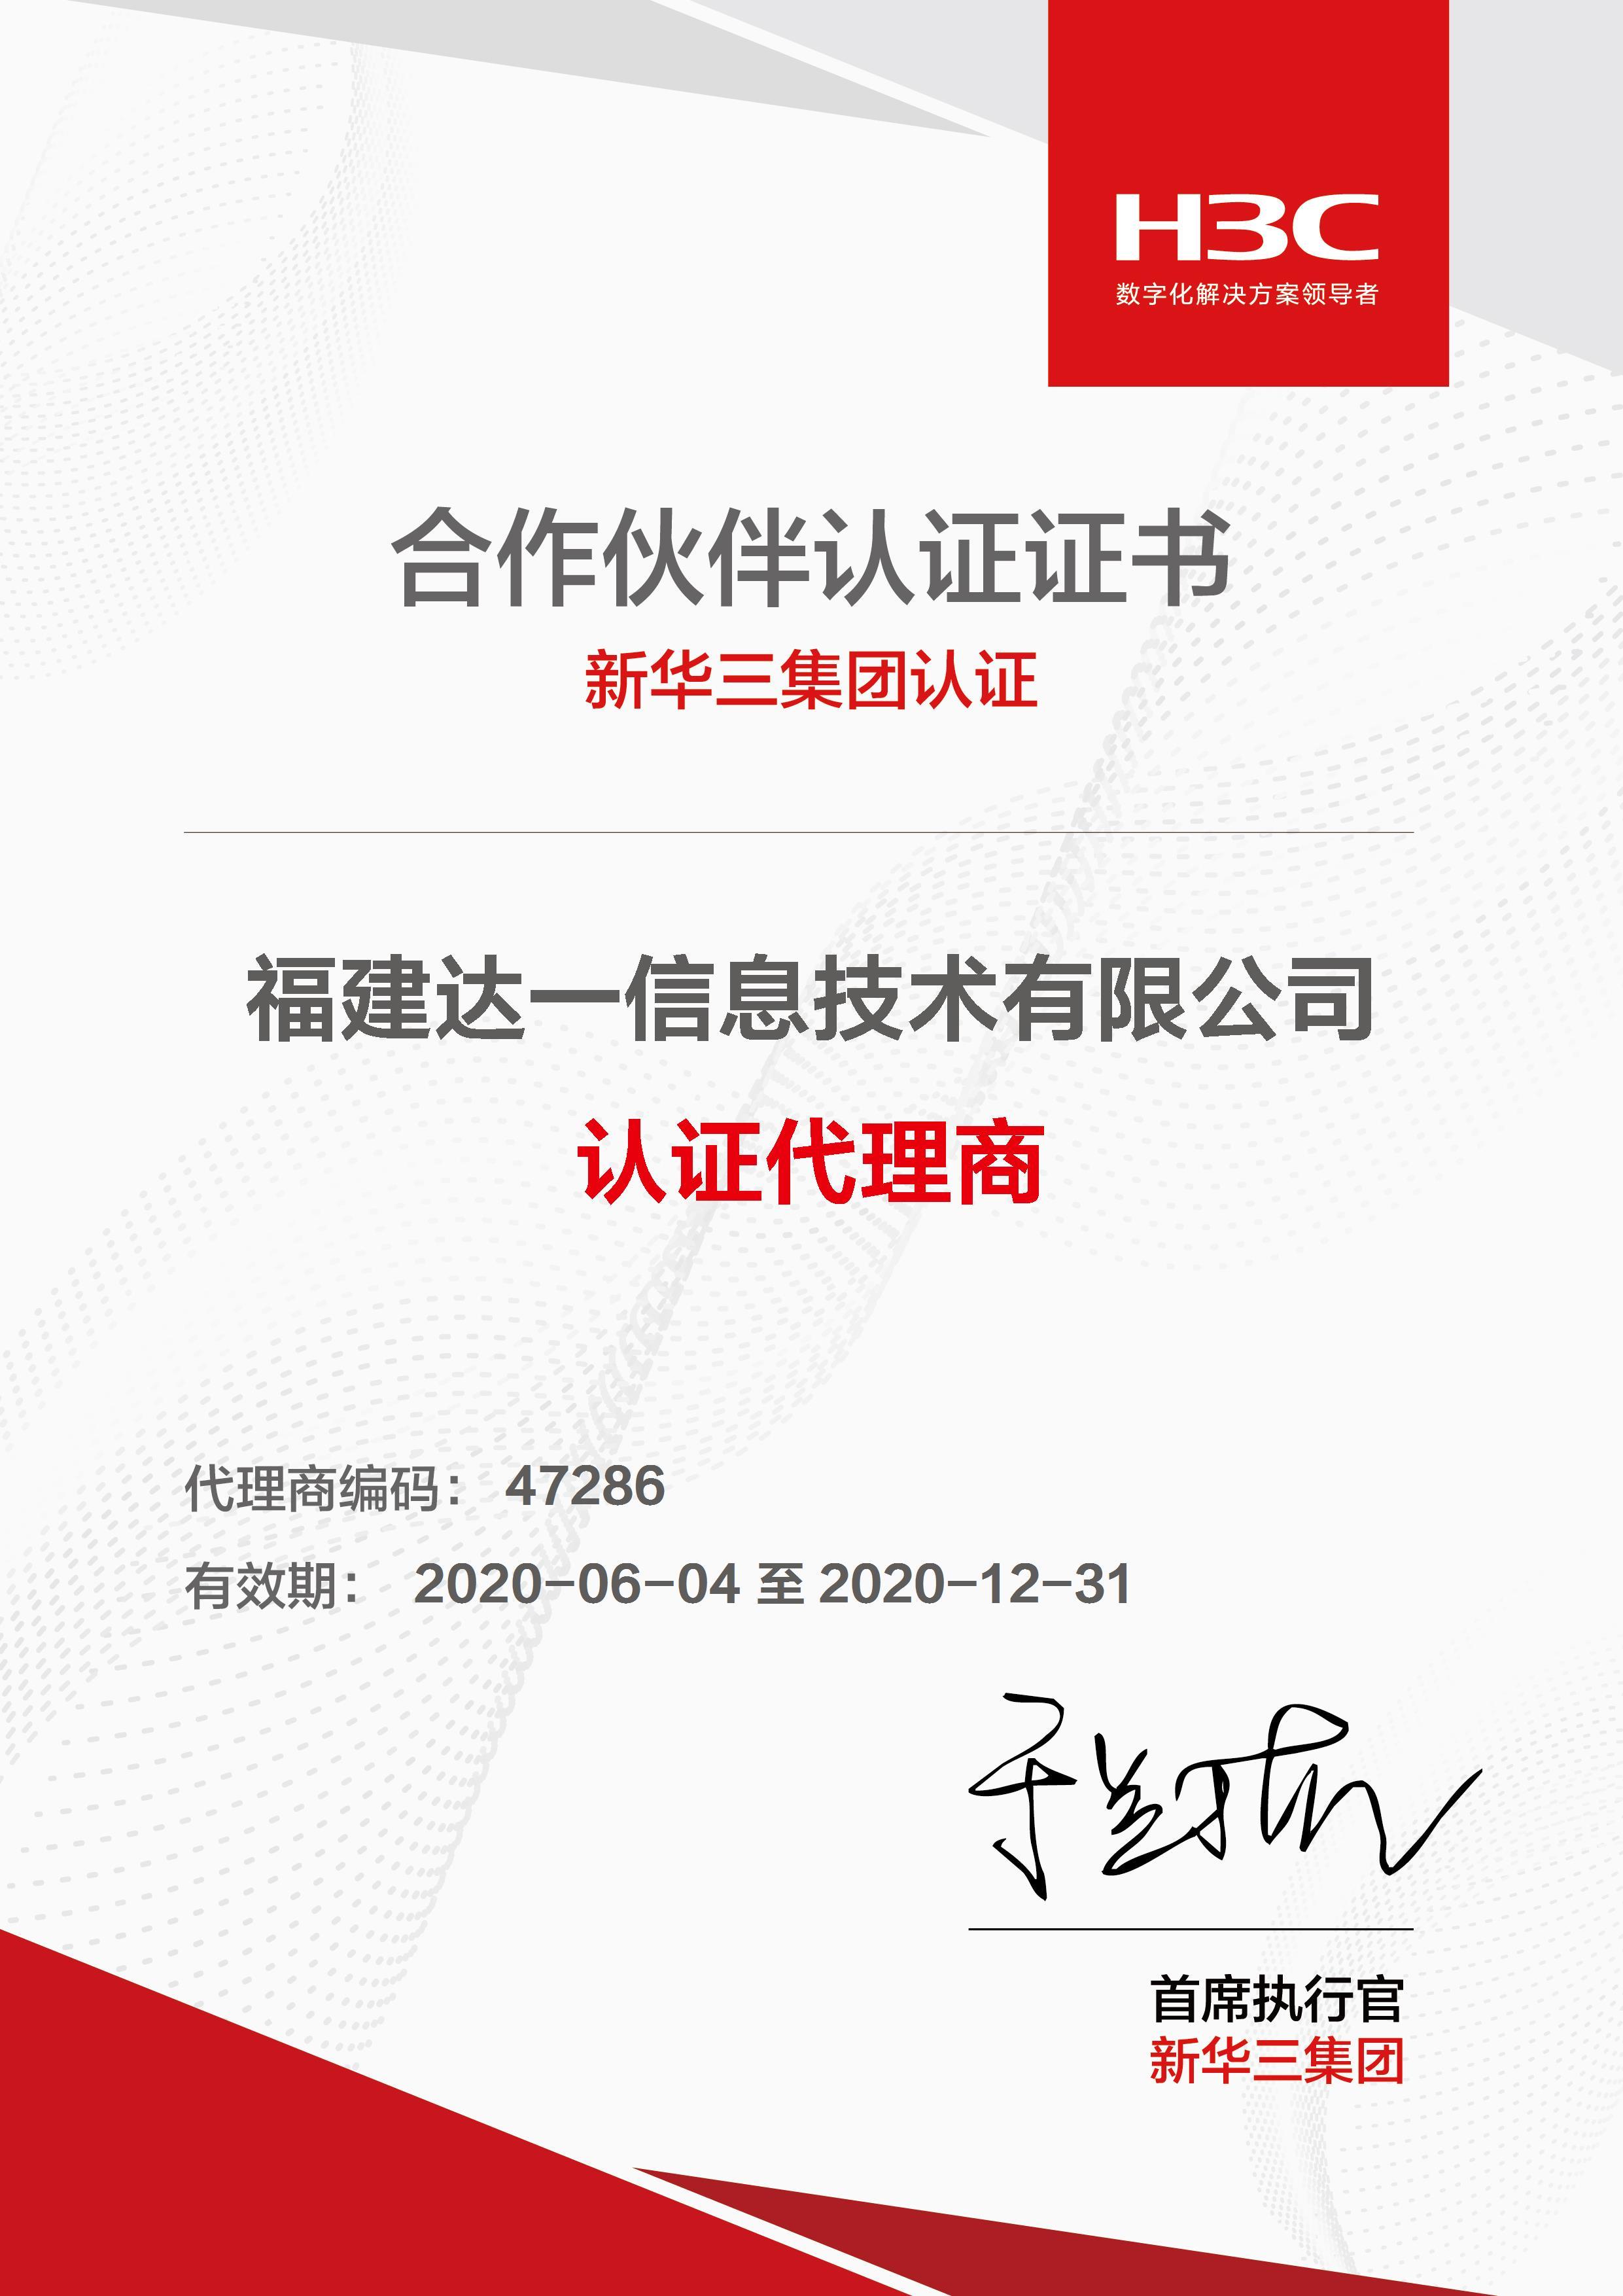 02-华三 认证代理商